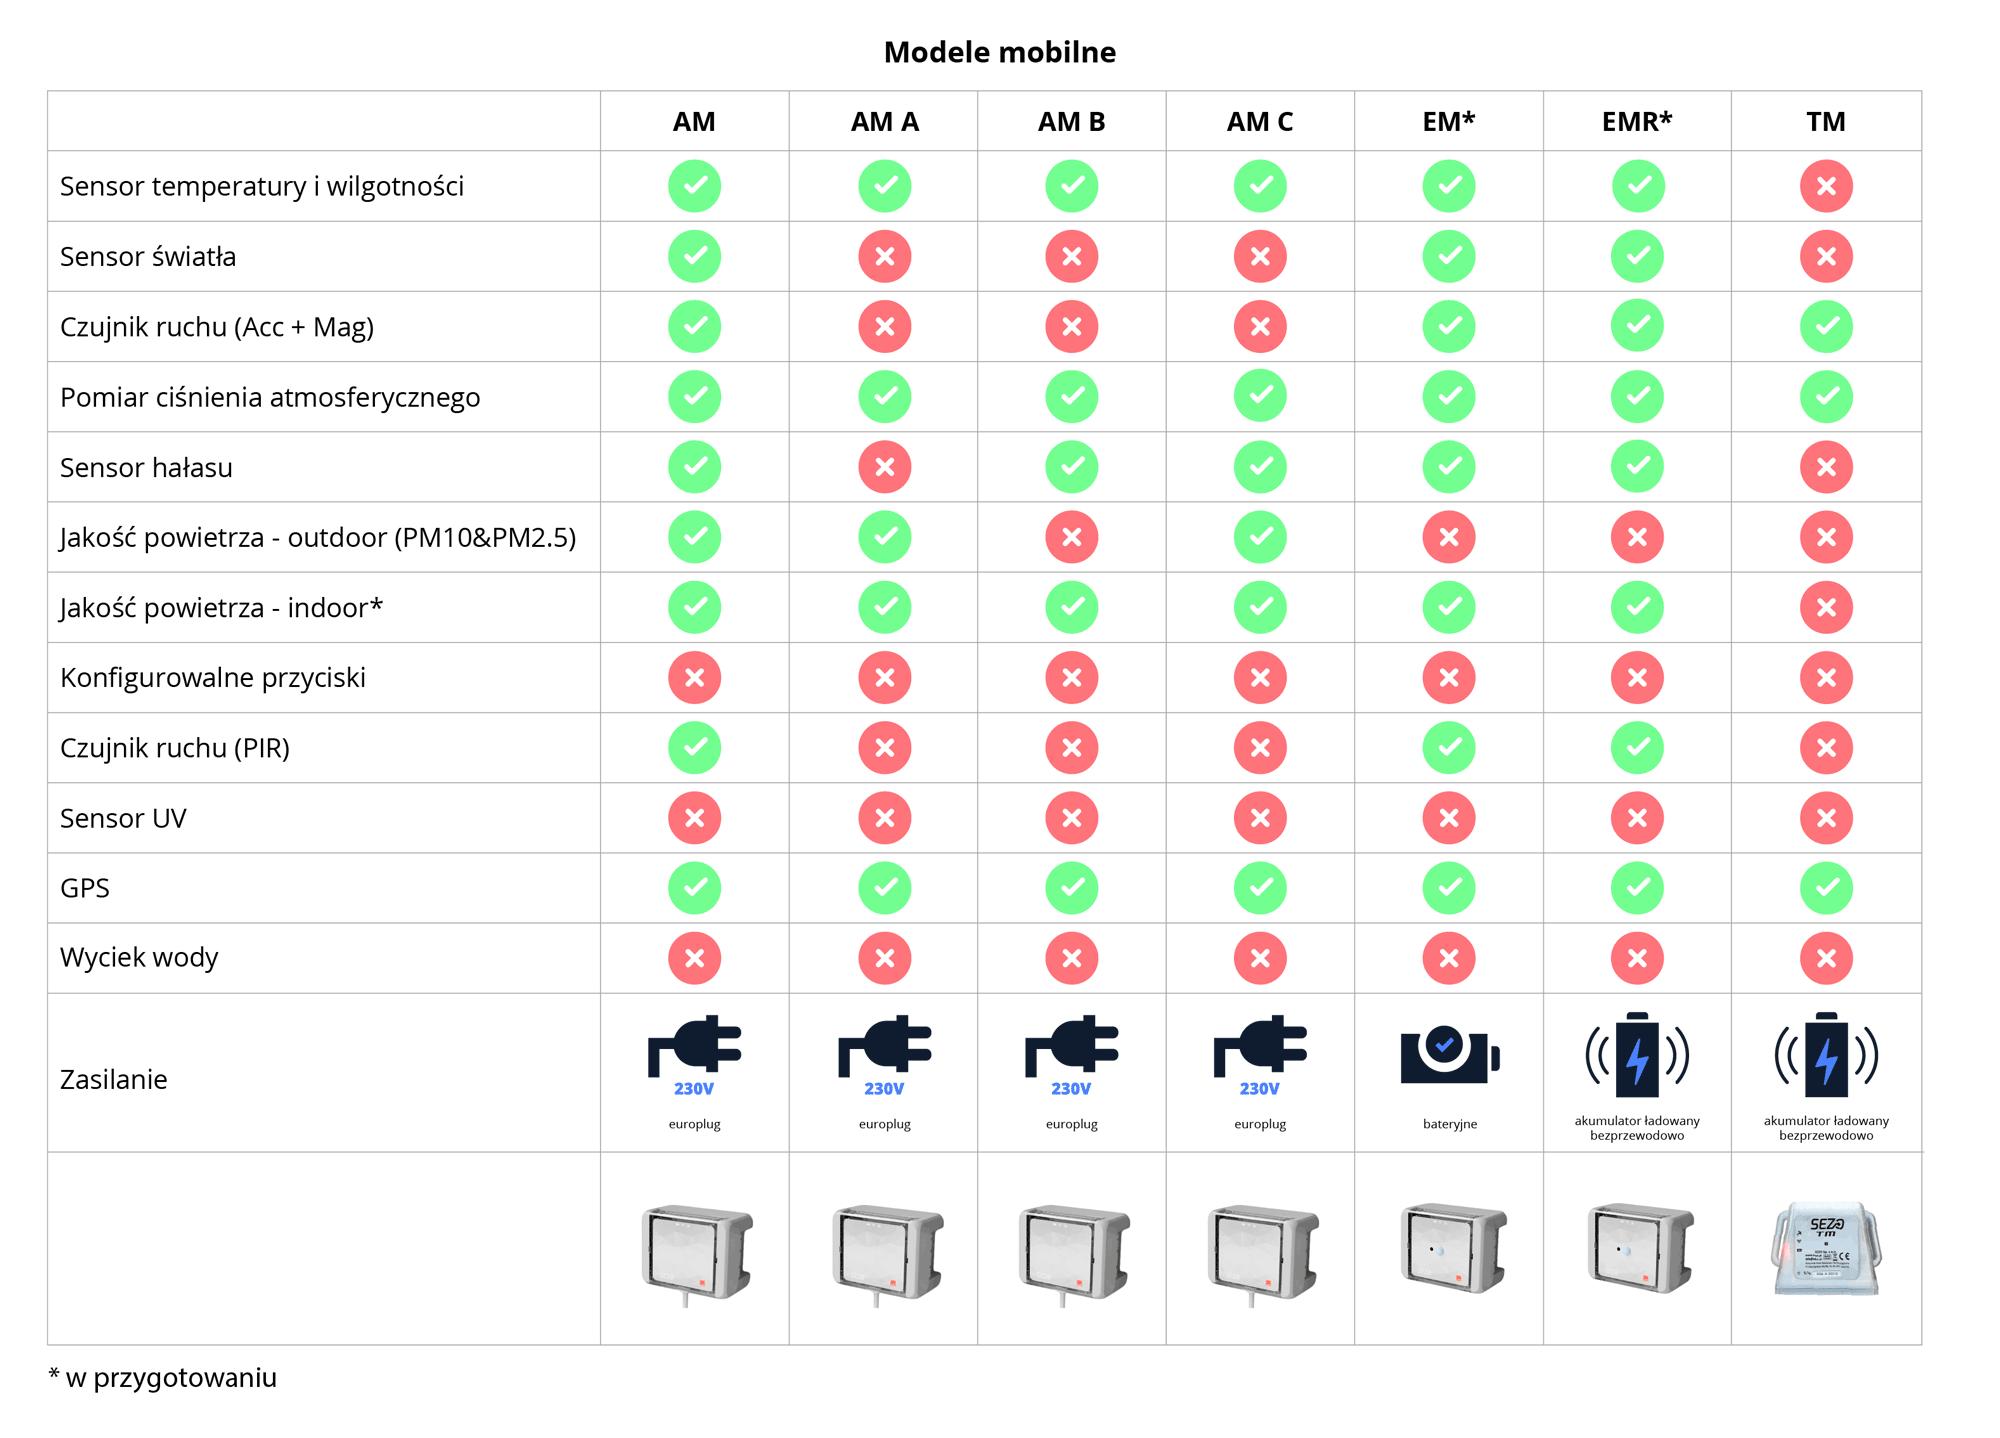 SEZO - modele mobilne IoT 2021